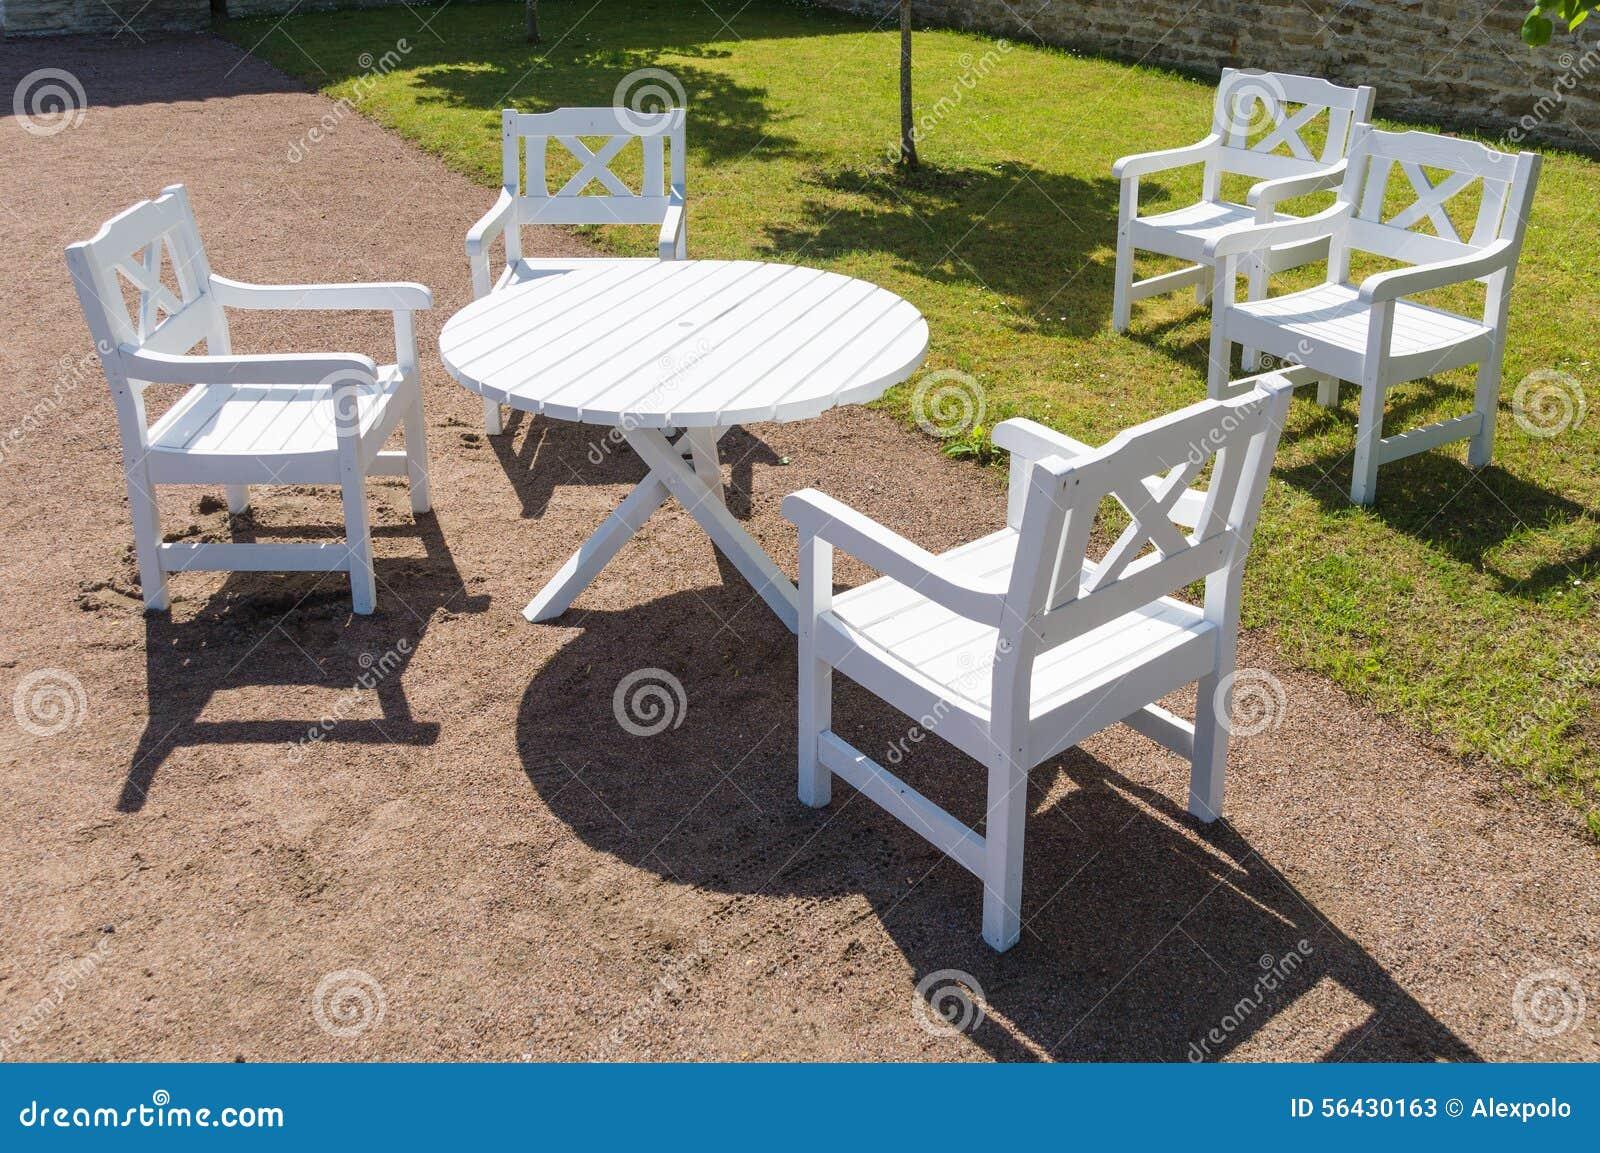 Mesa redonda y sillas blancas en jard n foto de archivo for Sillas para mesa redonda